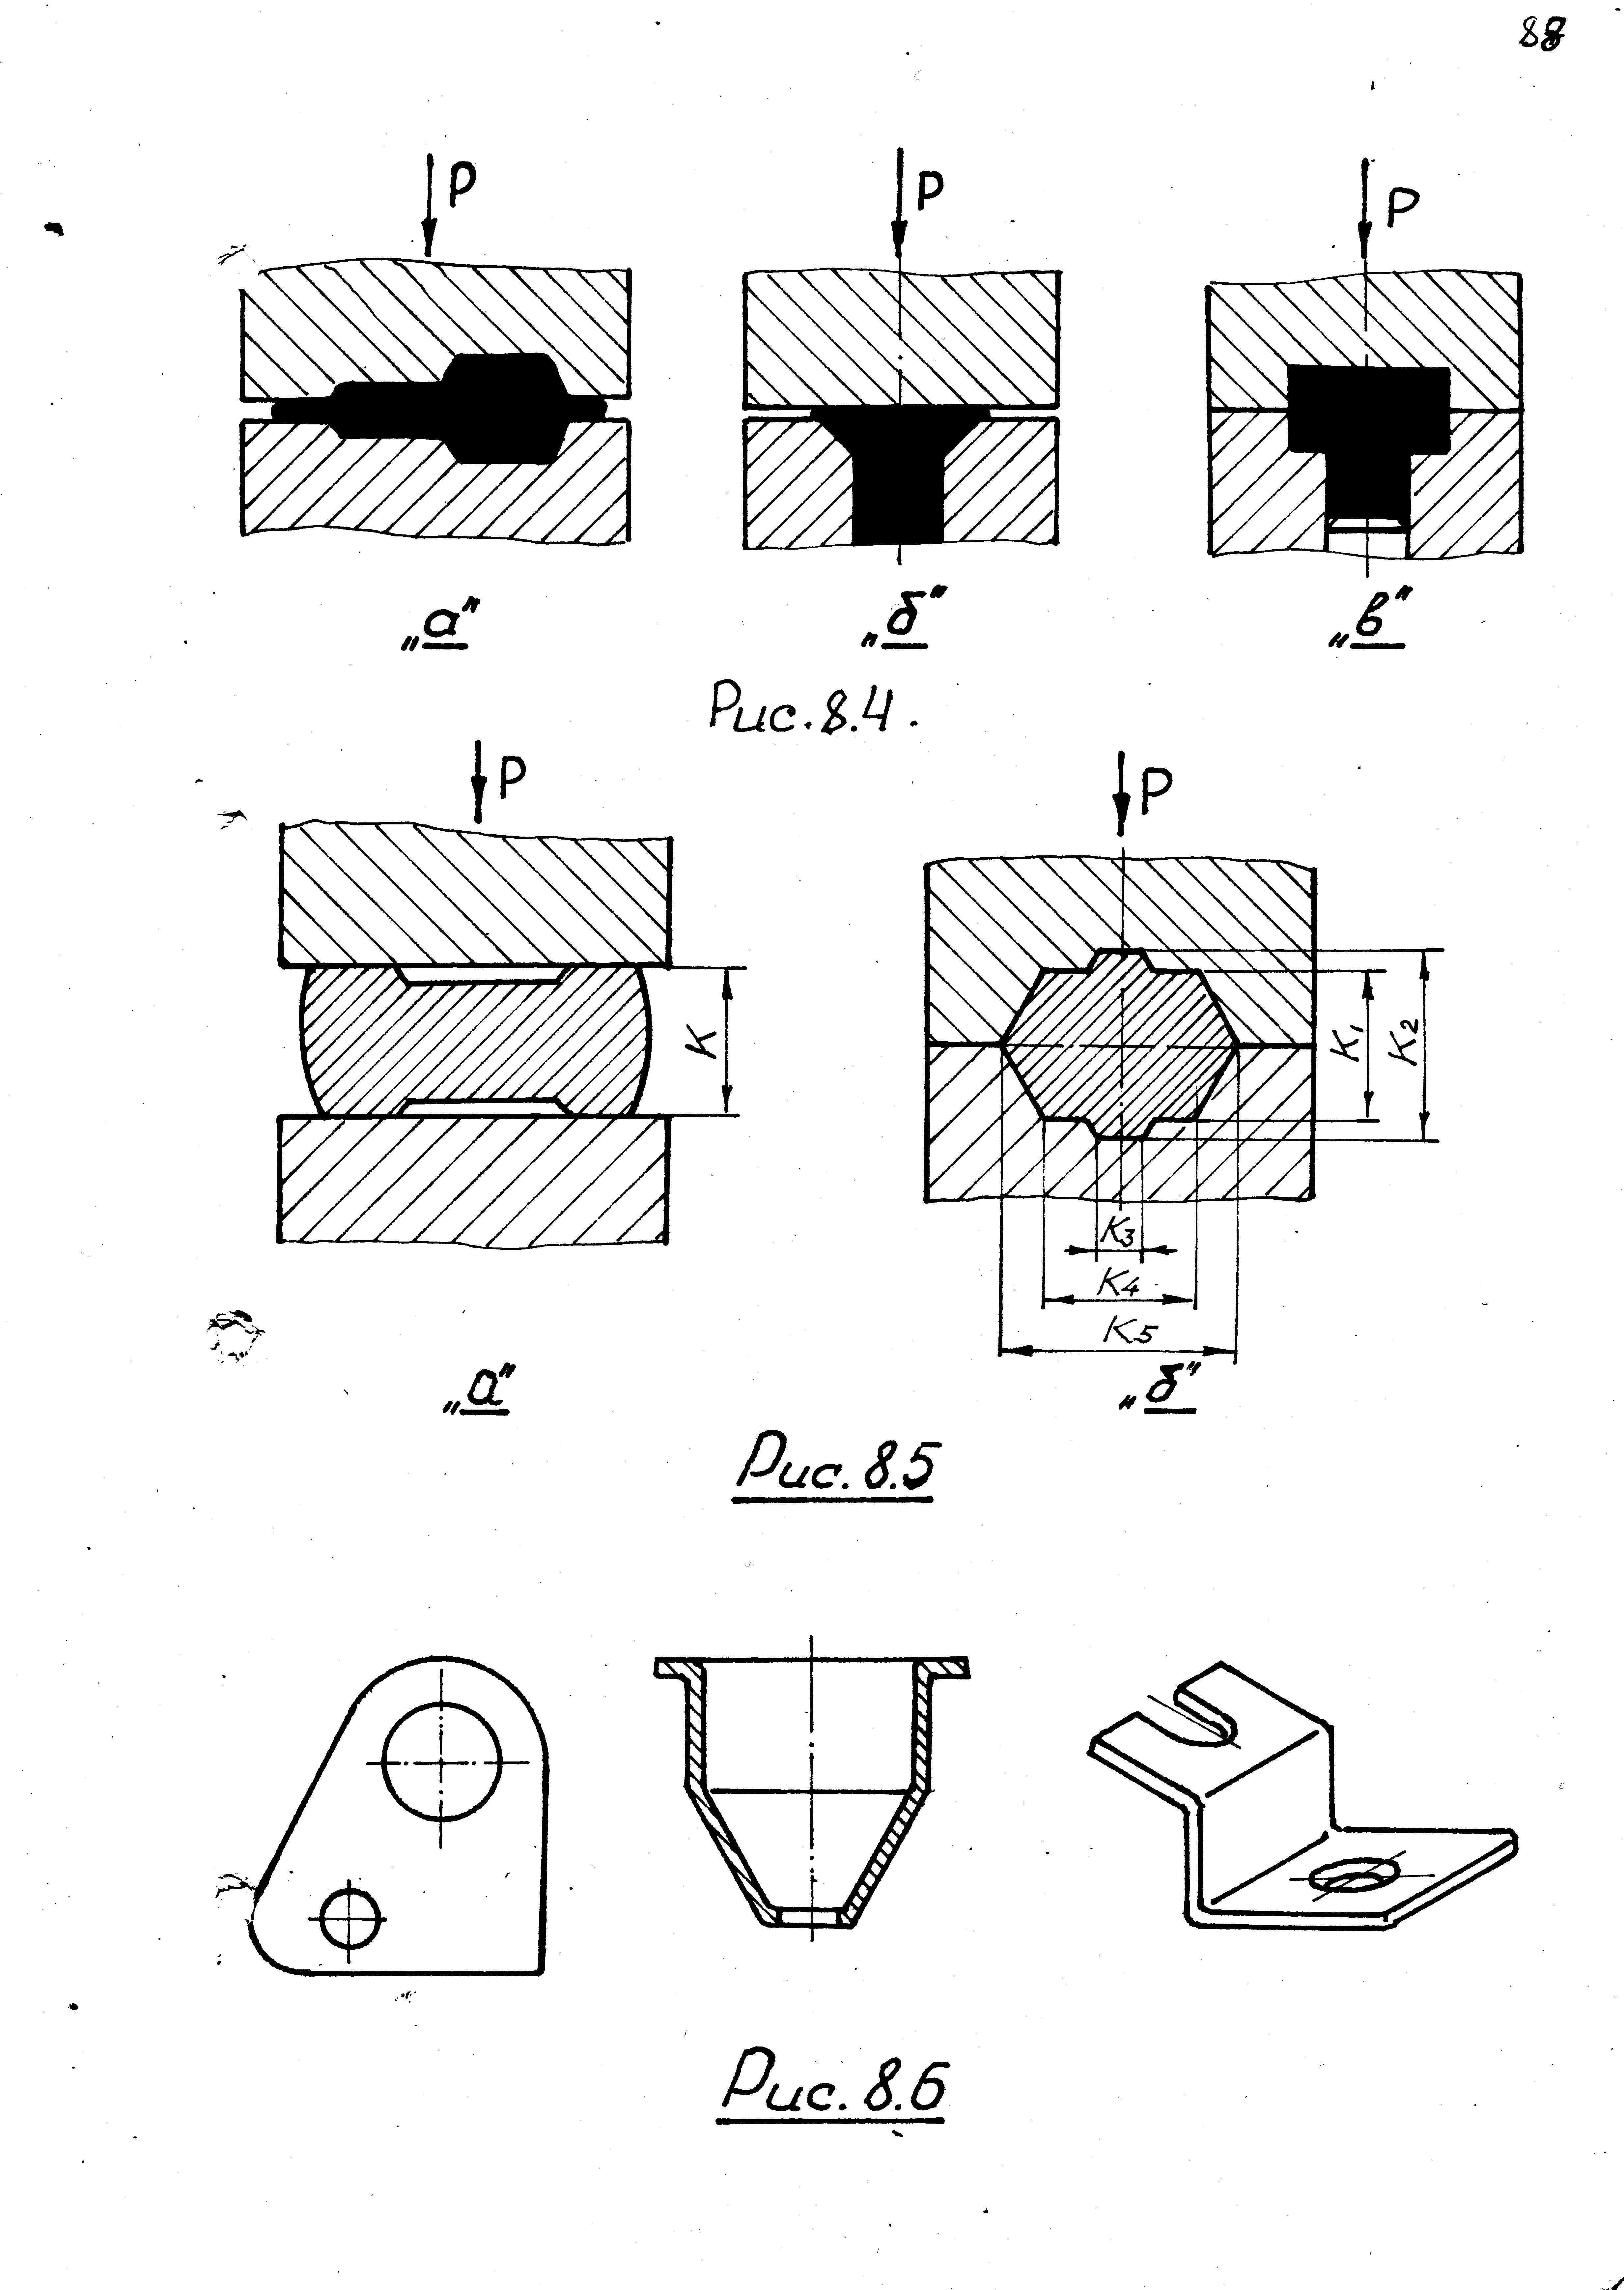 Пример решения контрольной работы №  Объемная штамповка процесс изготовления деталей путем пластической деформации в замкнутом объеме специальной оснастки Штамп состоит из двух половин